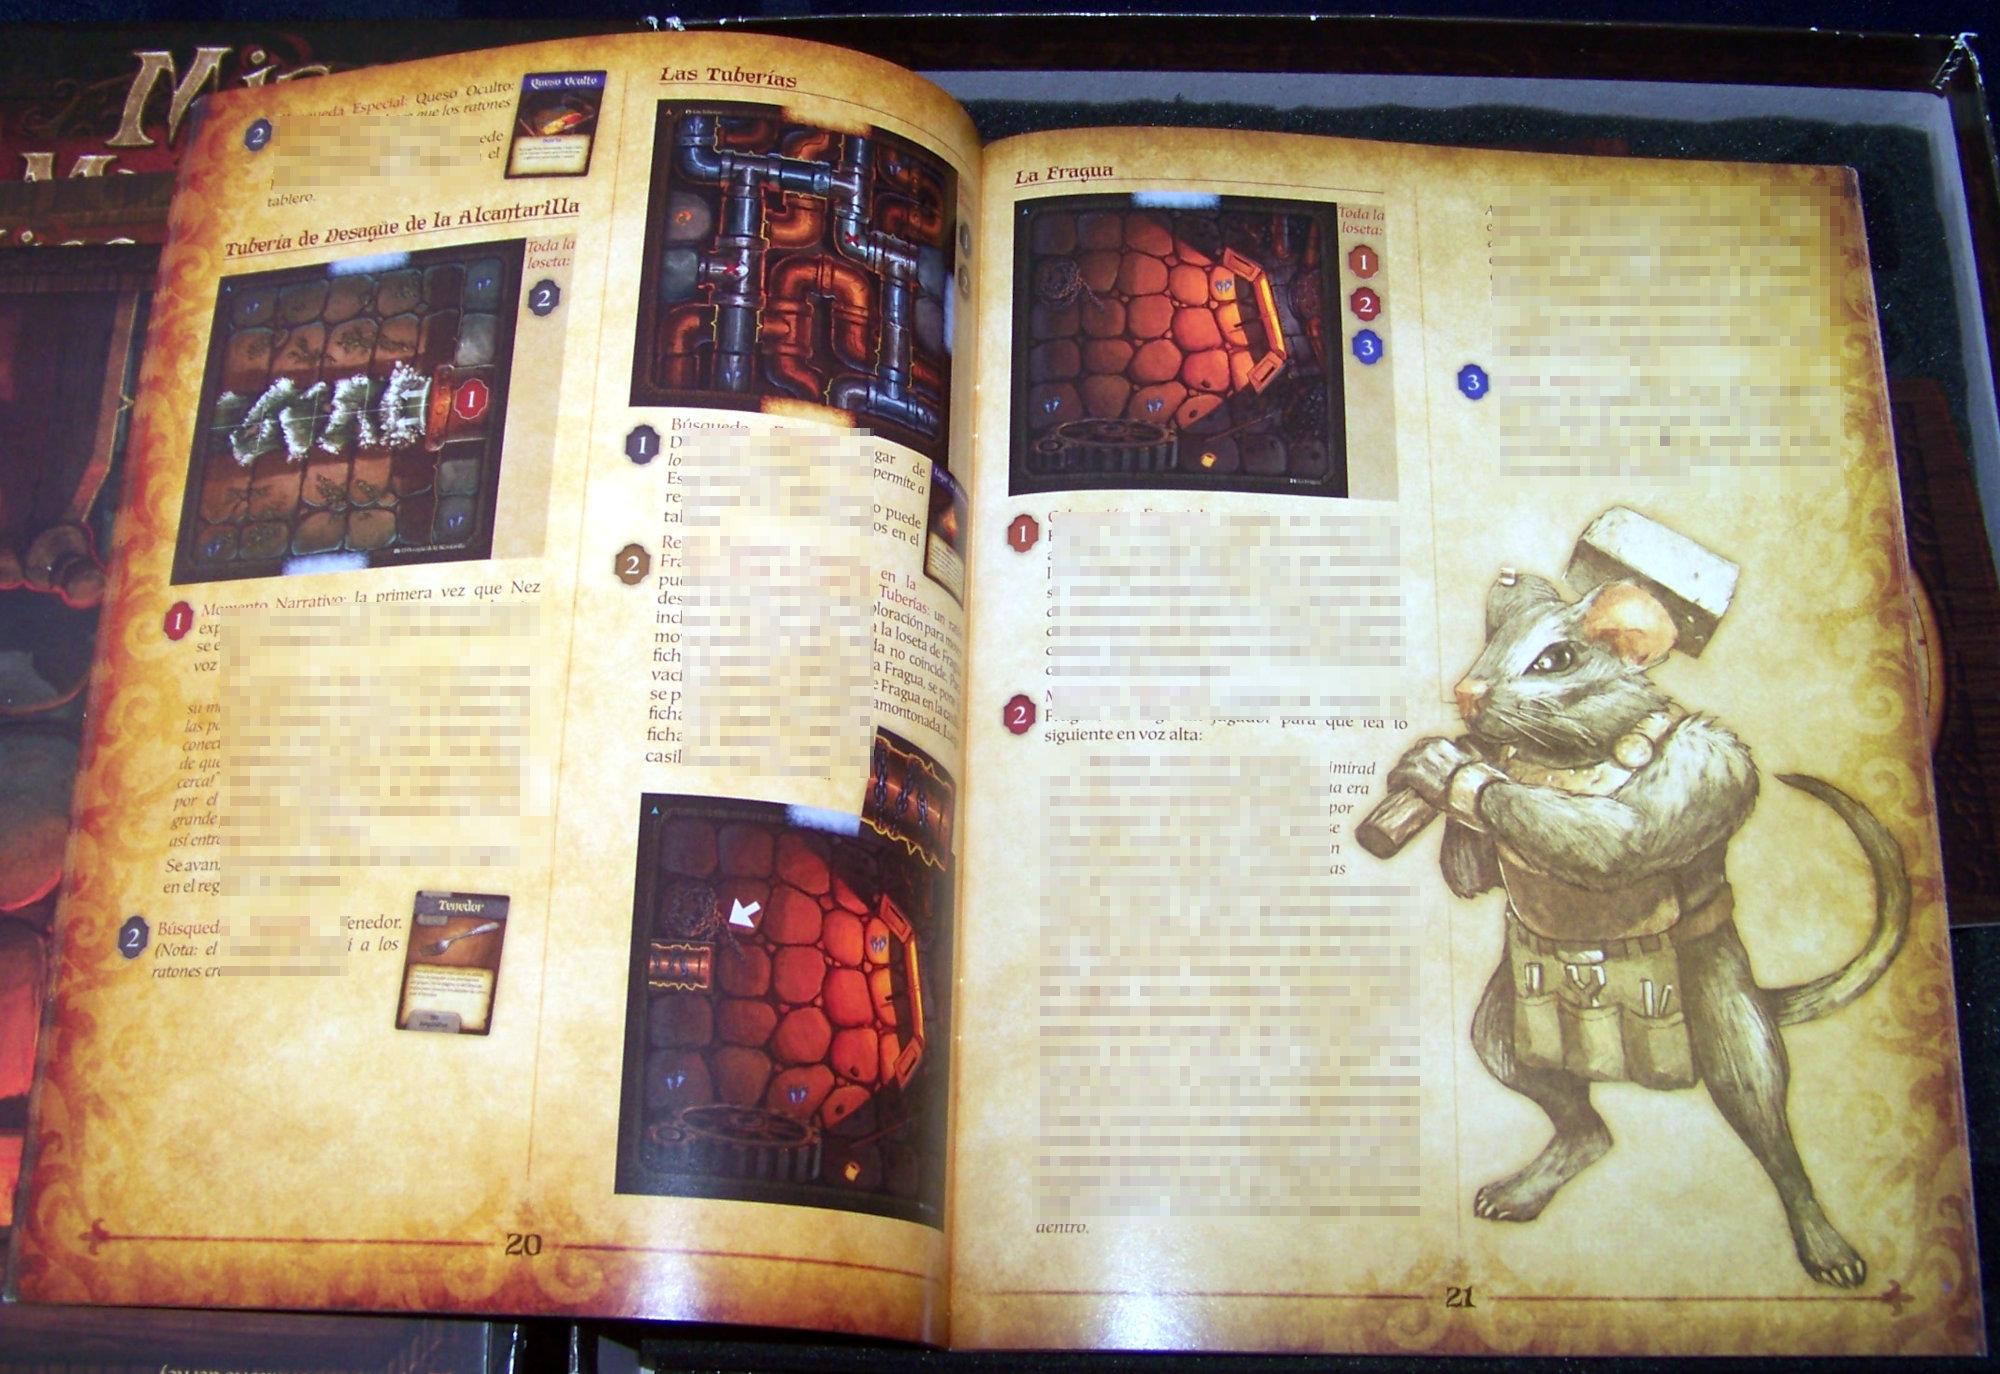 Juego de mesa De Ratones y Magia - una página del cuento (censurado)